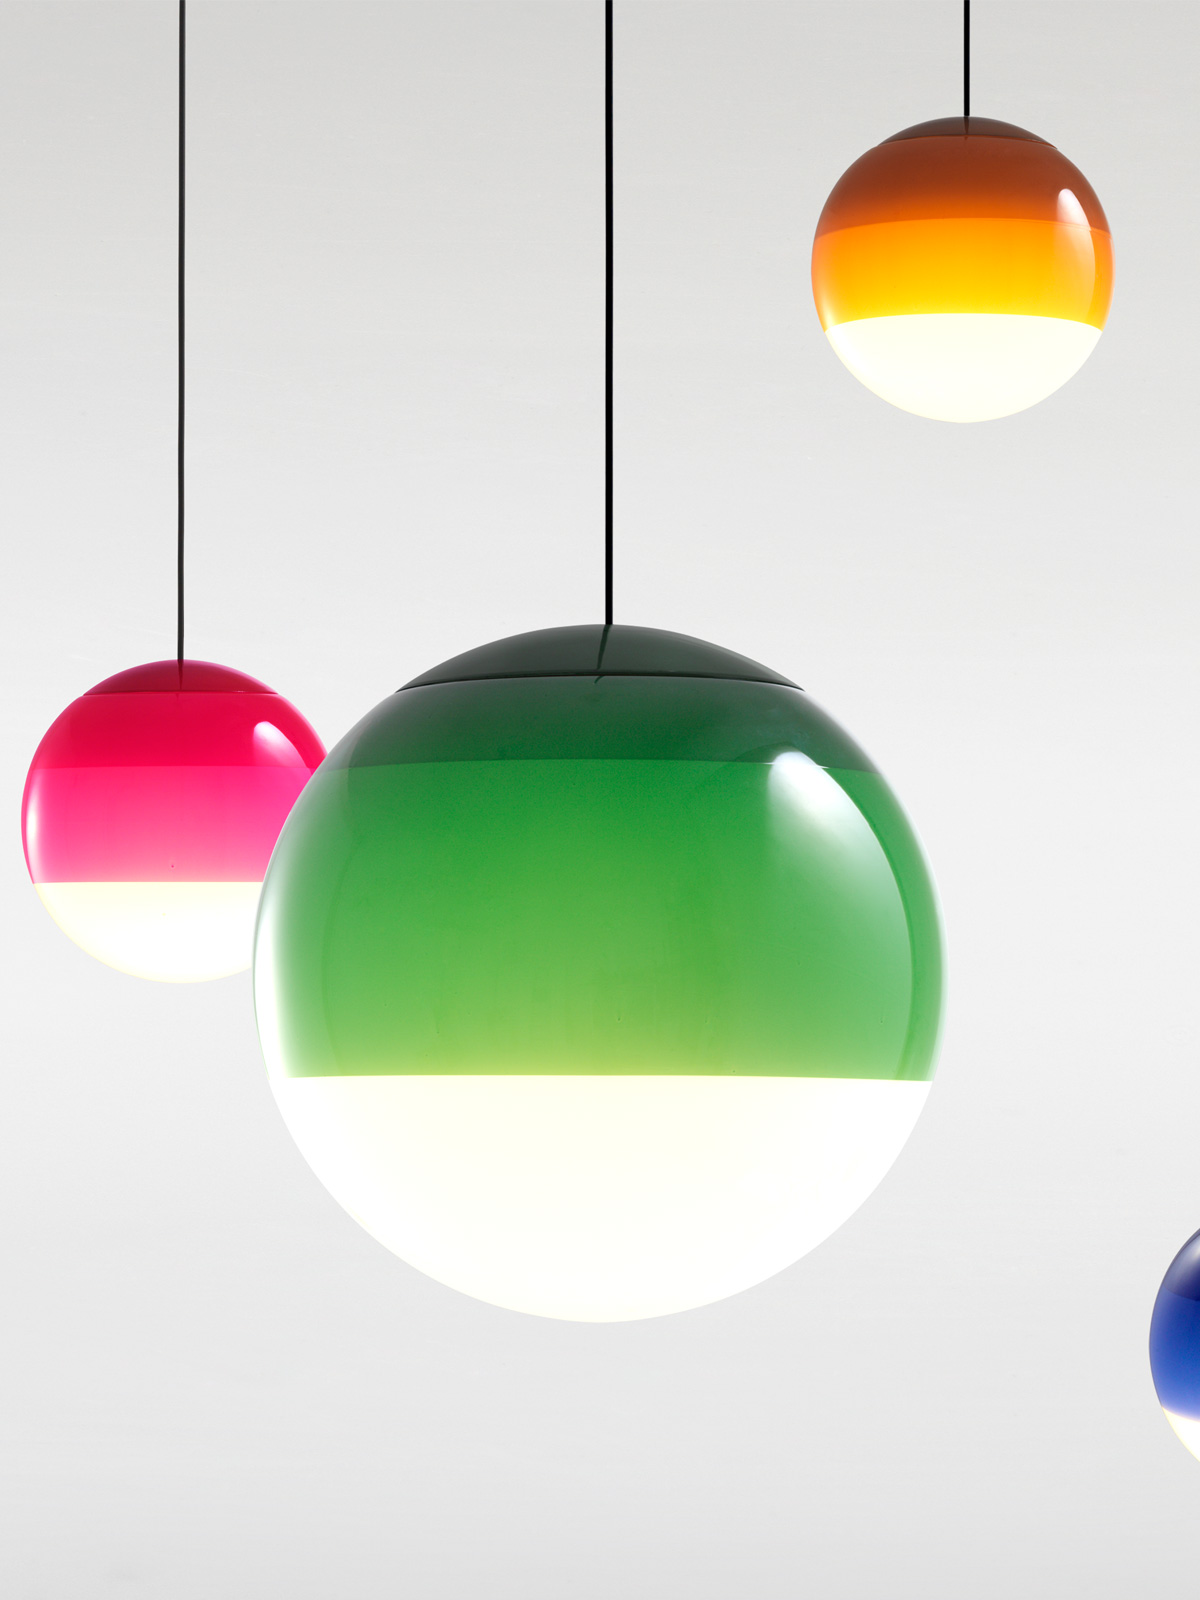 Dipping Light P Marset Glasleuchten rund Ball DesignOrt Blog Lampen Leuchten Onlineshop Berlin